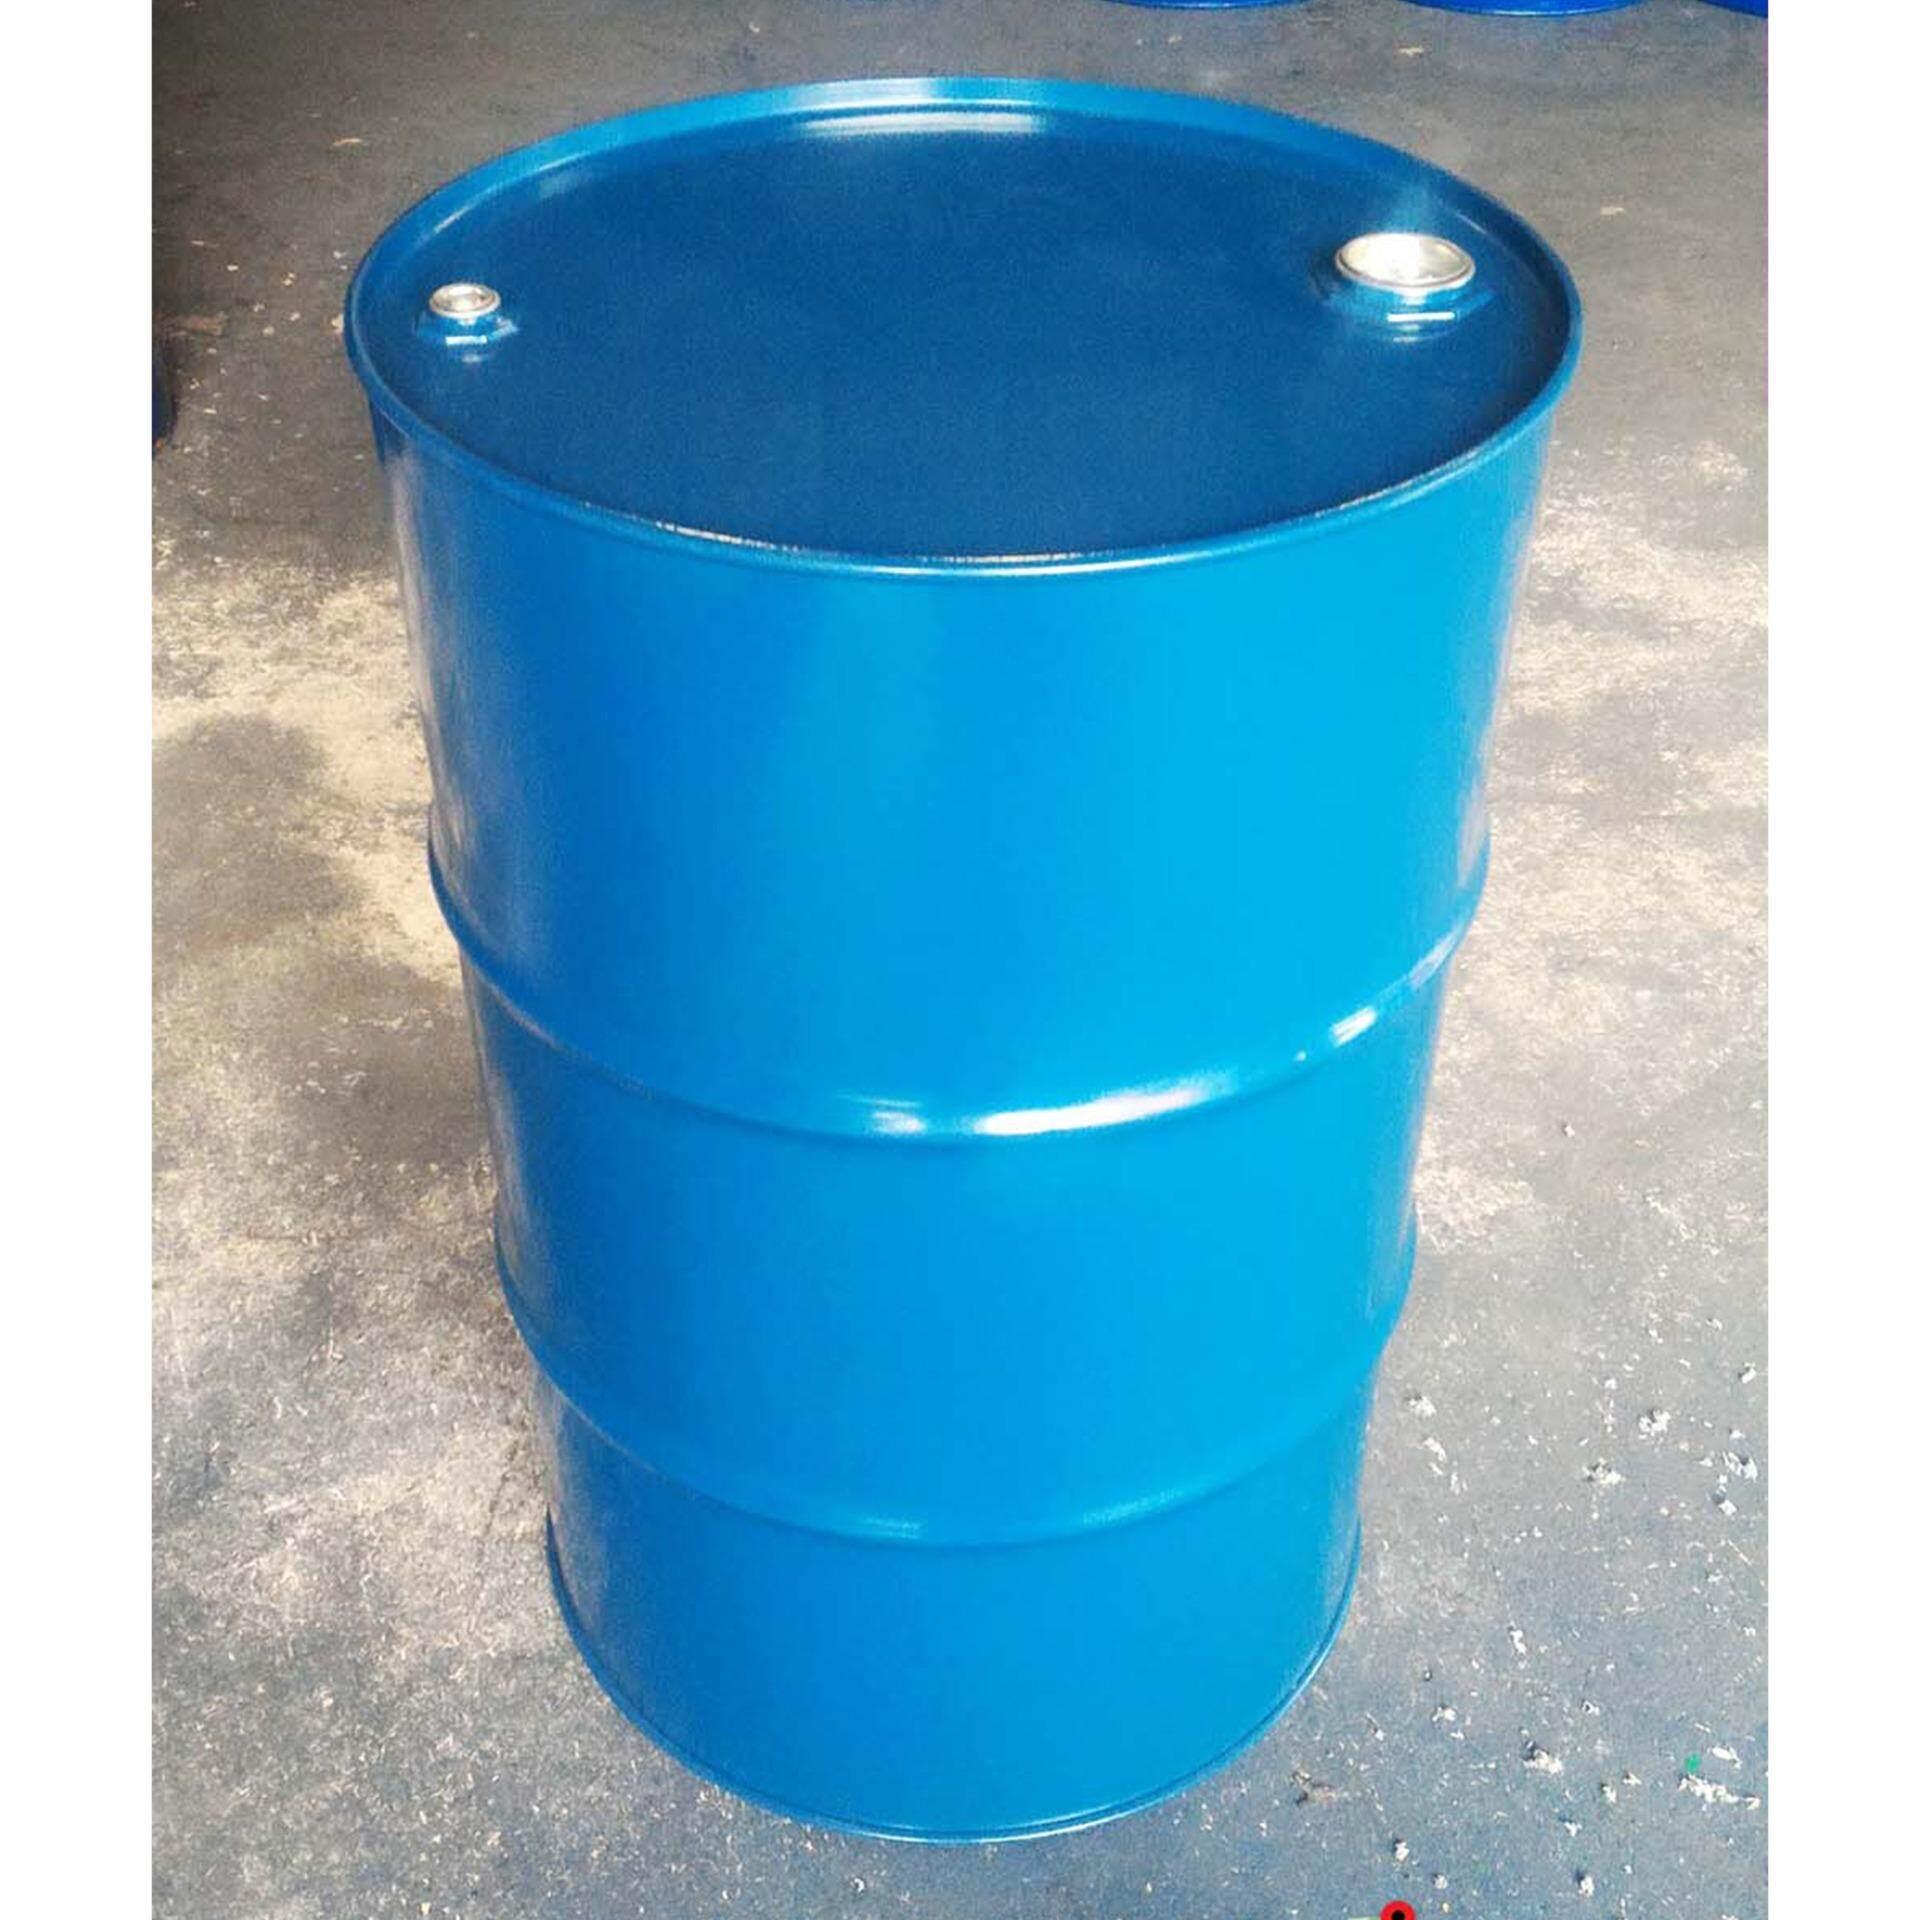 ถังเหล็กใหม่ 200 ลิตร สำหรับบรรจุน้ำมัน ถังโลหะ ถังน้ำมัน ถัง200ลิตร สีน้ำเงิน / ดำ